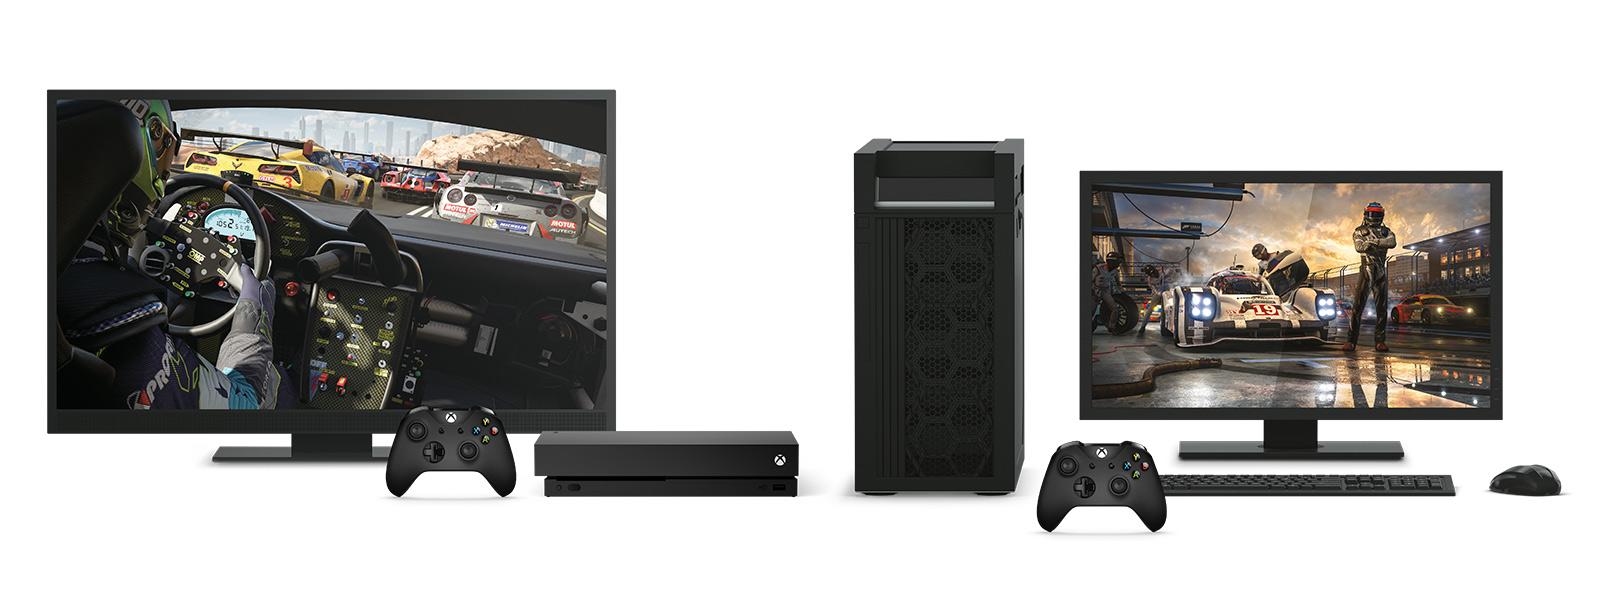 Konzola Xbox One X a počítačové zariadenie s rozlíšením 4Ks hrou Forza Motorsport 7 na televízore a počítačovej obrazovke